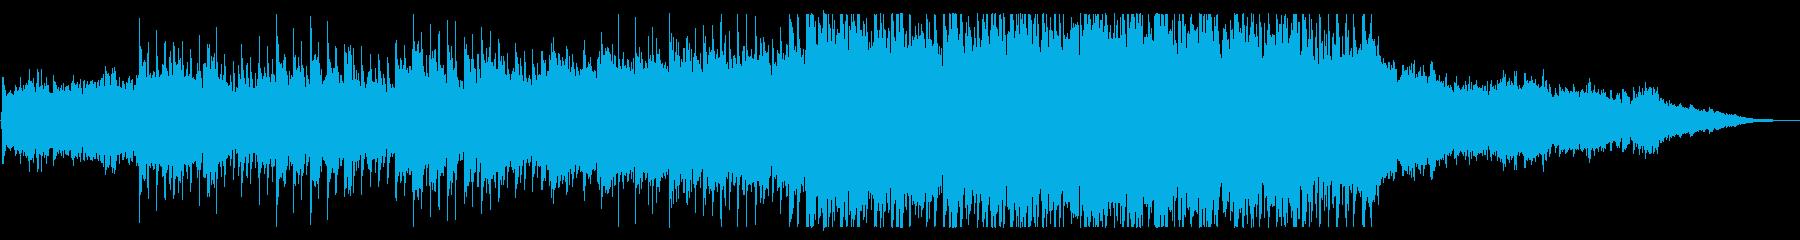 明瞭爽快なクラシカルサウンドの再生済みの波形